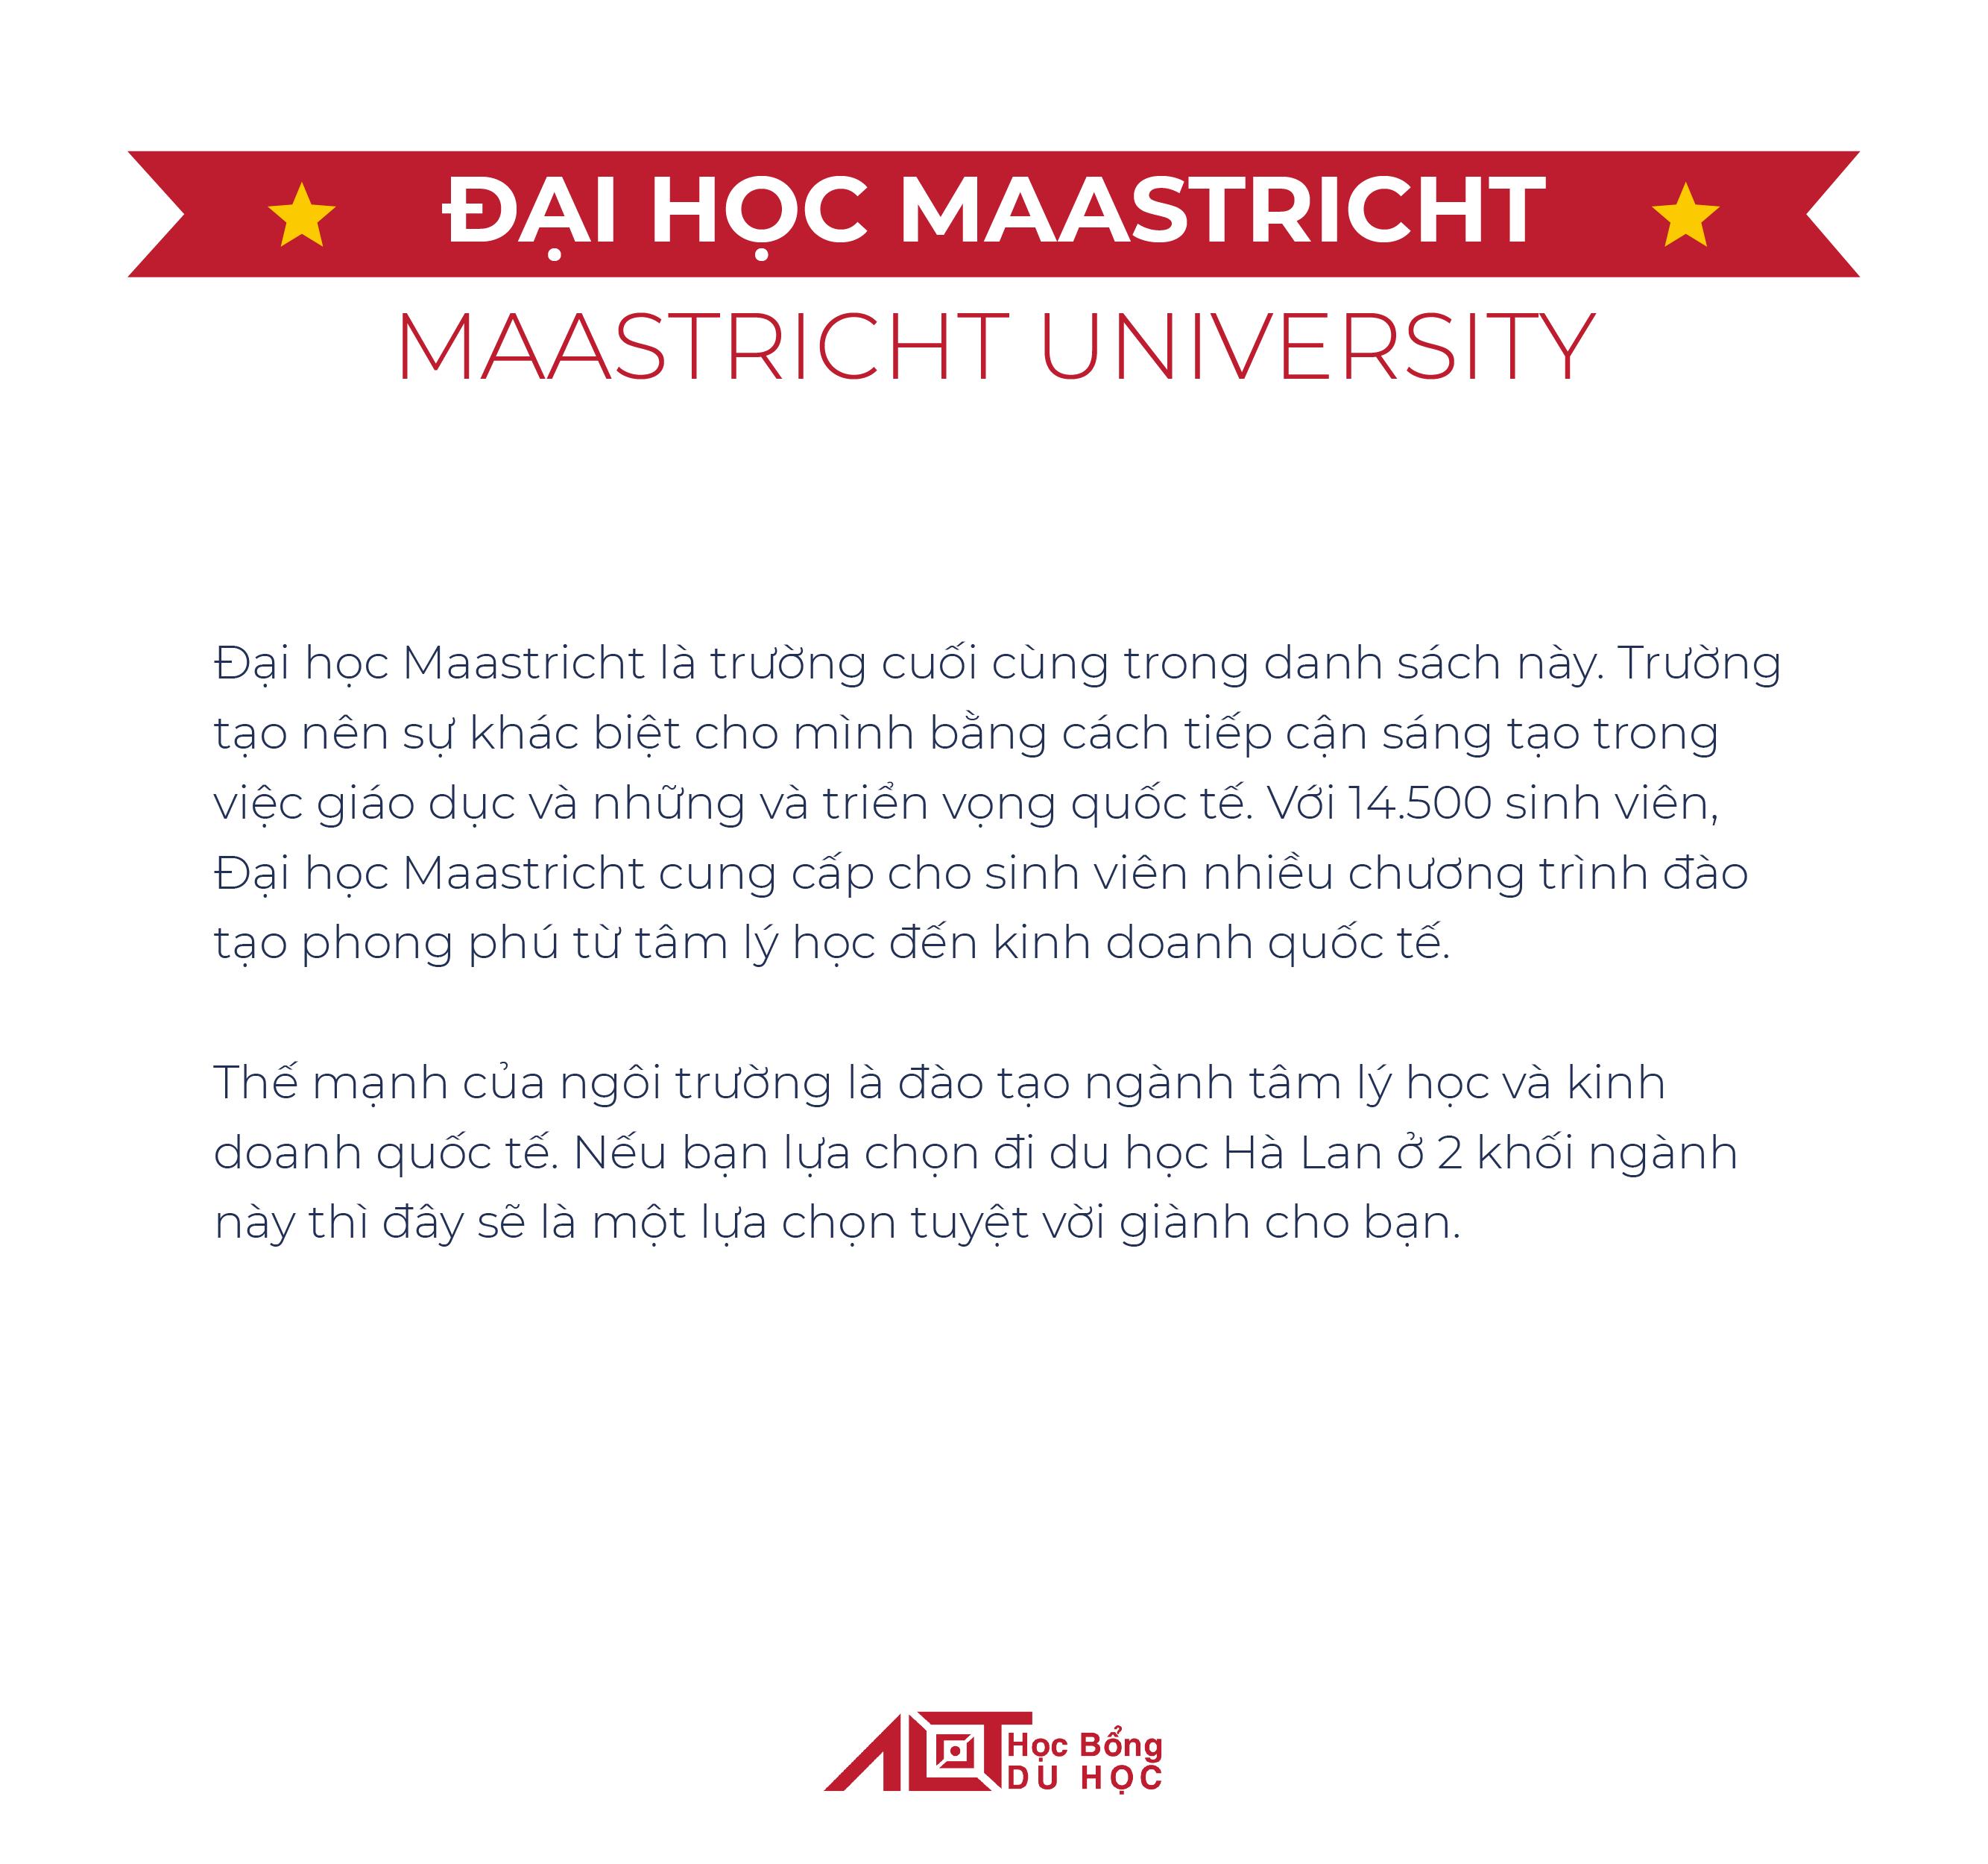 Top trường đại học ở Hà Lan